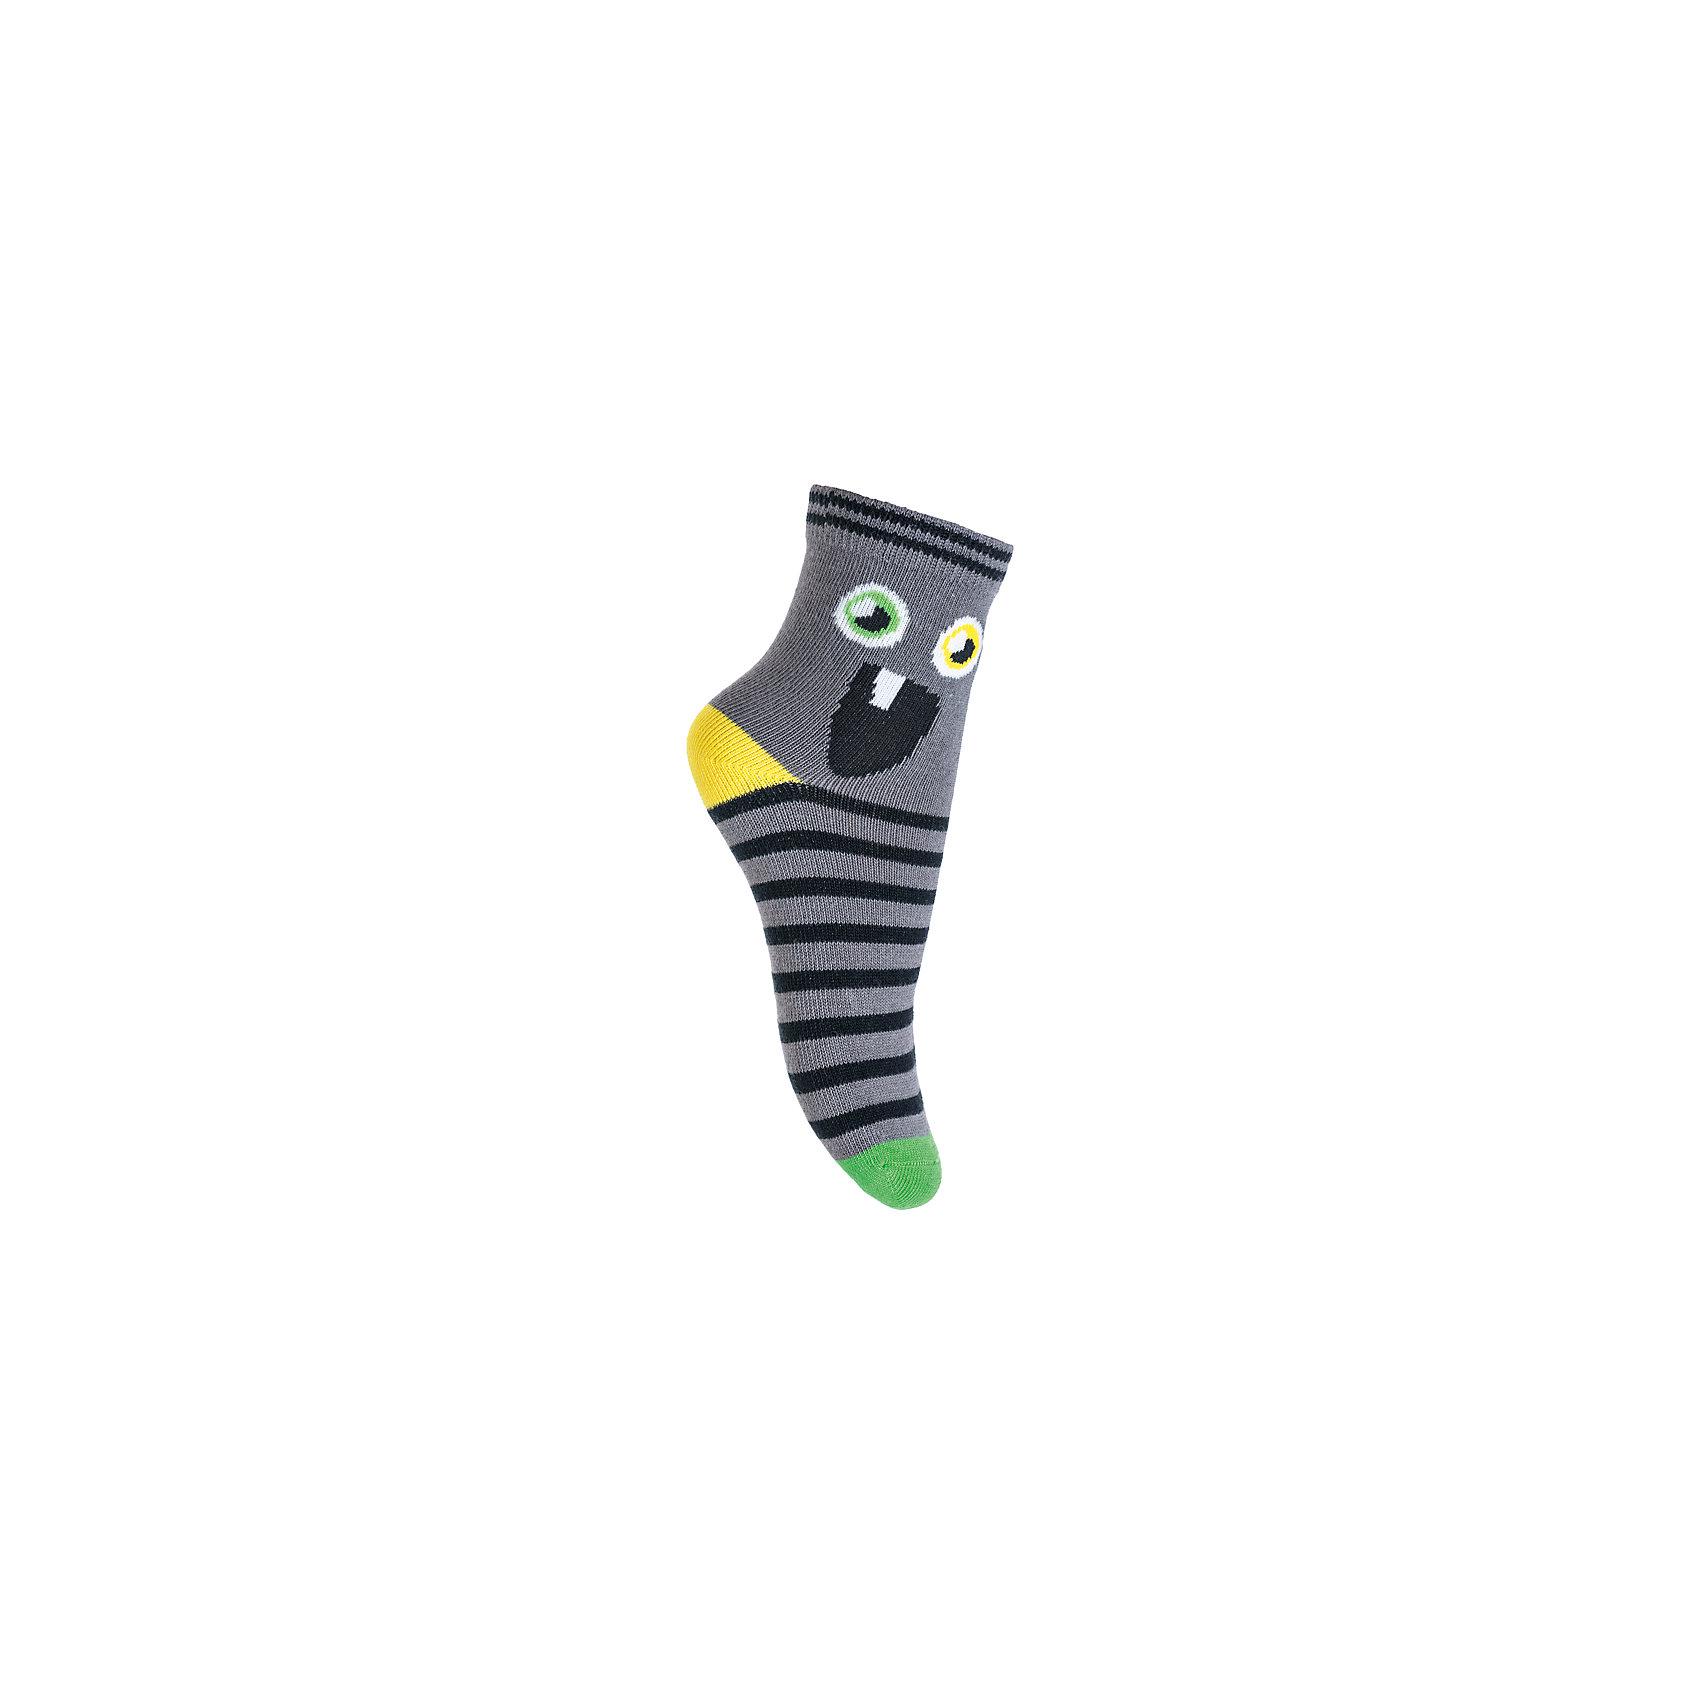 Носки PlayToday для мальчикаНоски<br>Носки PlayToday для мальчика<br>Носки очень мягкие, из  натуральных материалов, приятные к телу и не сковывают движений. Хорошо пропускают воздух, тем самым позволяя коже дышать. Даже частые стирки, при условии соблюдений рекомендаций по уходу, не изменят ни форму, ни цвет изделия. Модель декорирована оригинальным жаккардовым рисунком. Мягкая резинка не сдавливает нежную детскую кожу.<br>Состав:<br>75% хлопок, 22% нейлон, 3% эластан<br><br>Ширина мм: 87<br>Глубина мм: 10<br>Высота мм: 105<br>Вес г: 115<br>Цвет: белый<br>Возраст от месяцев: 84<br>Возраст до месяцев: 96<br>Пол: Мужской<br>Возраст: Детский<br>Размер: 18,14,16<br>SKU: 7109617